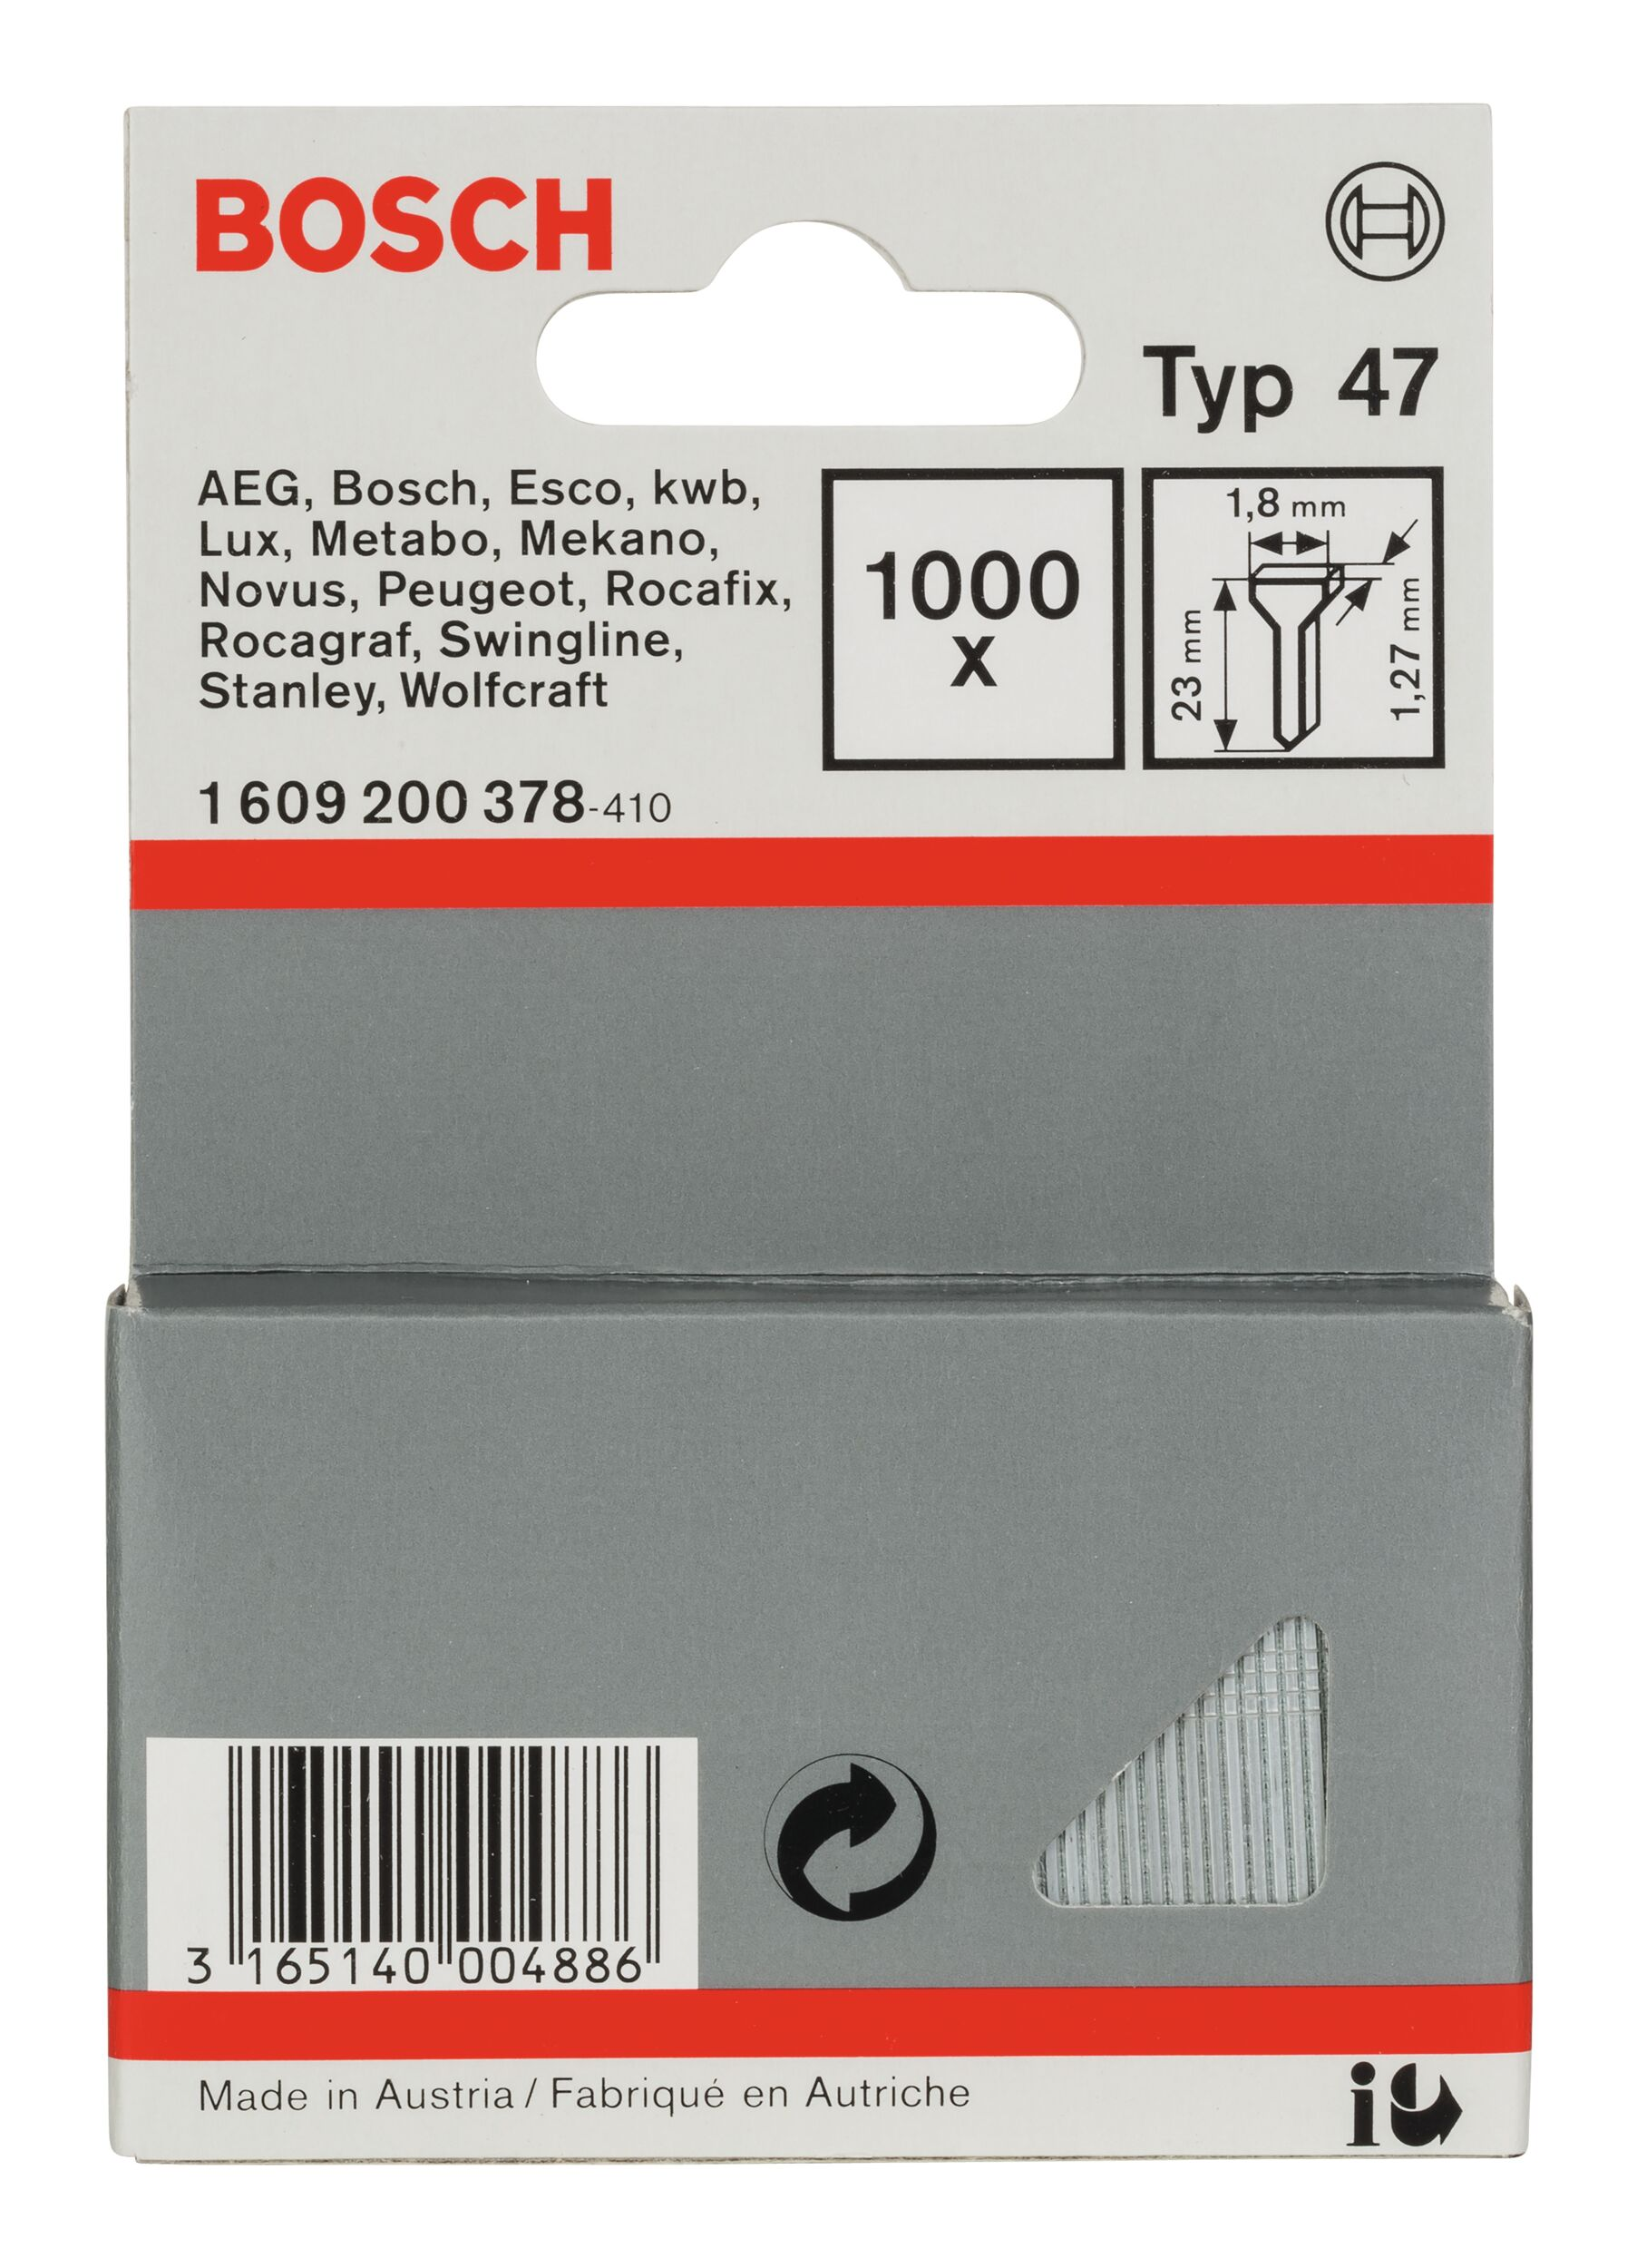 Bosch Zubehör Typ 47 Tackernagel - 1,27 x 23 x 1,8 mm -... 1609200378 (1.000 Stück)